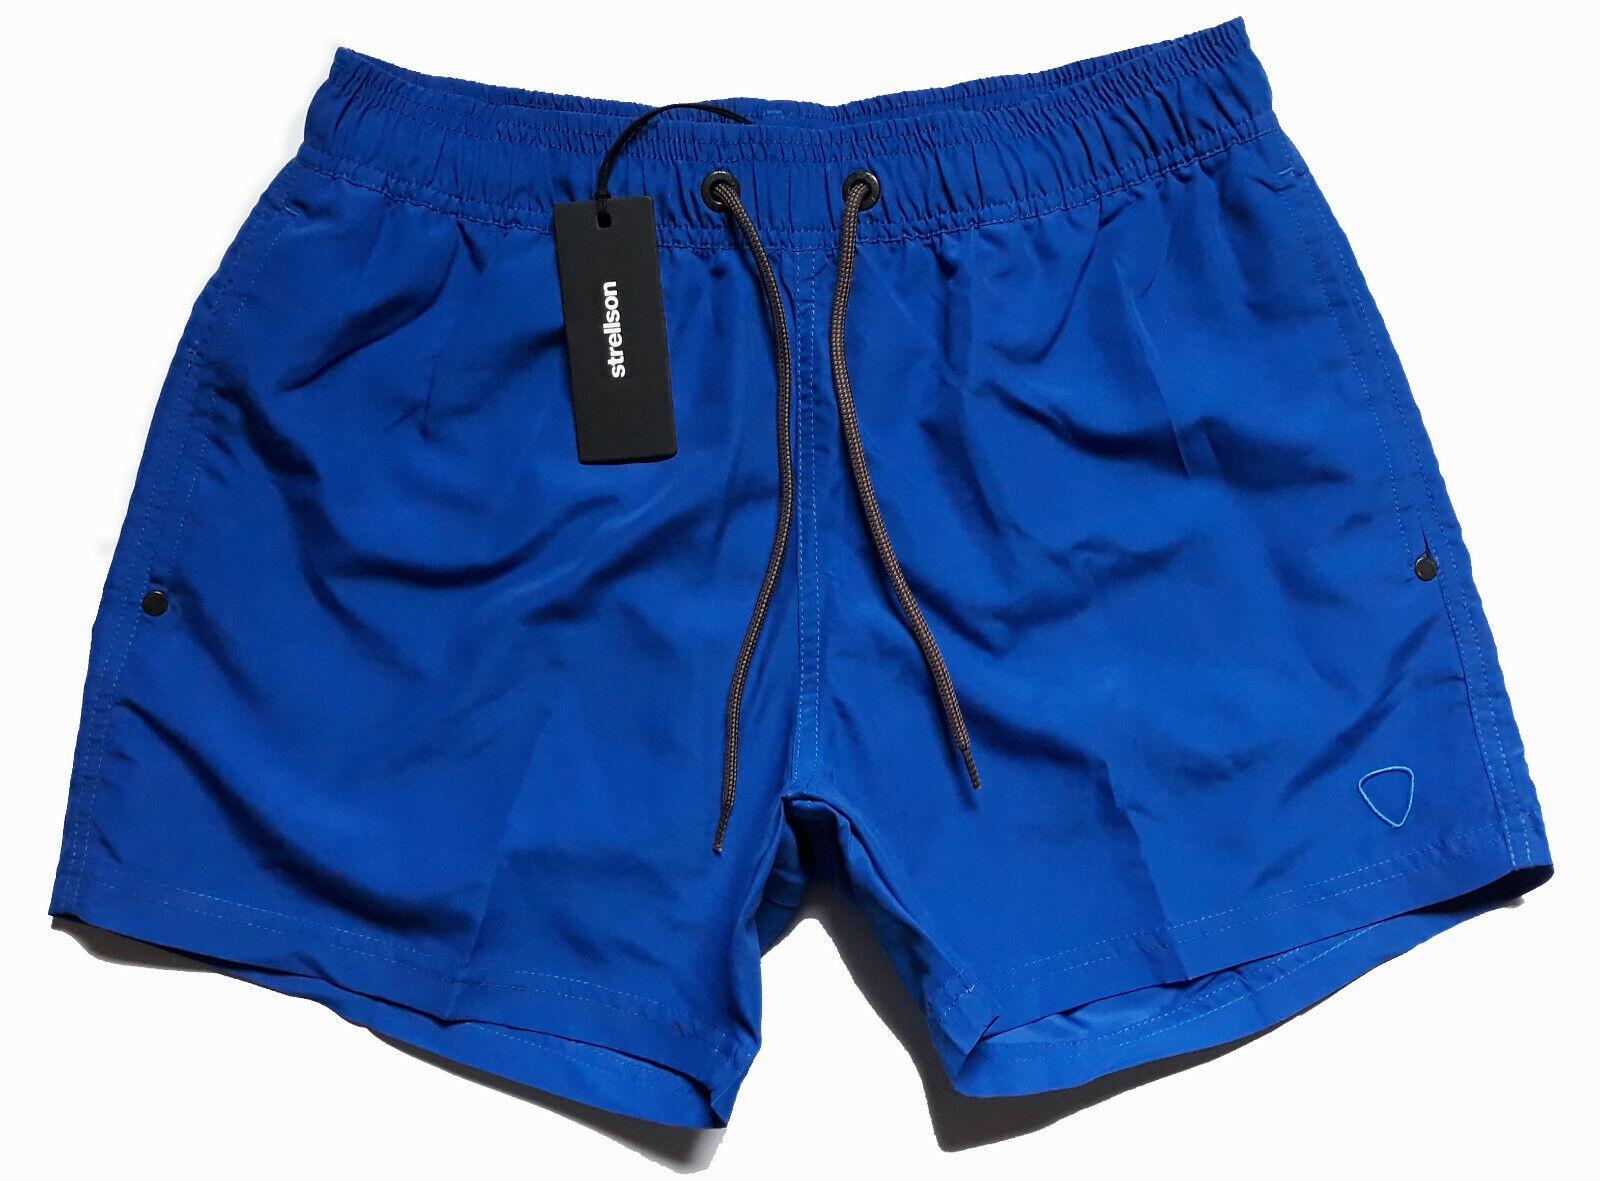 Strellson Badehose Gr. XL 7 blau 519  Badeshorts Boardshorts Swim Shorts    Kaufen Sie beruhigt und glücklich spielen    Sorgfältig ausgewählte Materialien    Billiger als der Preis